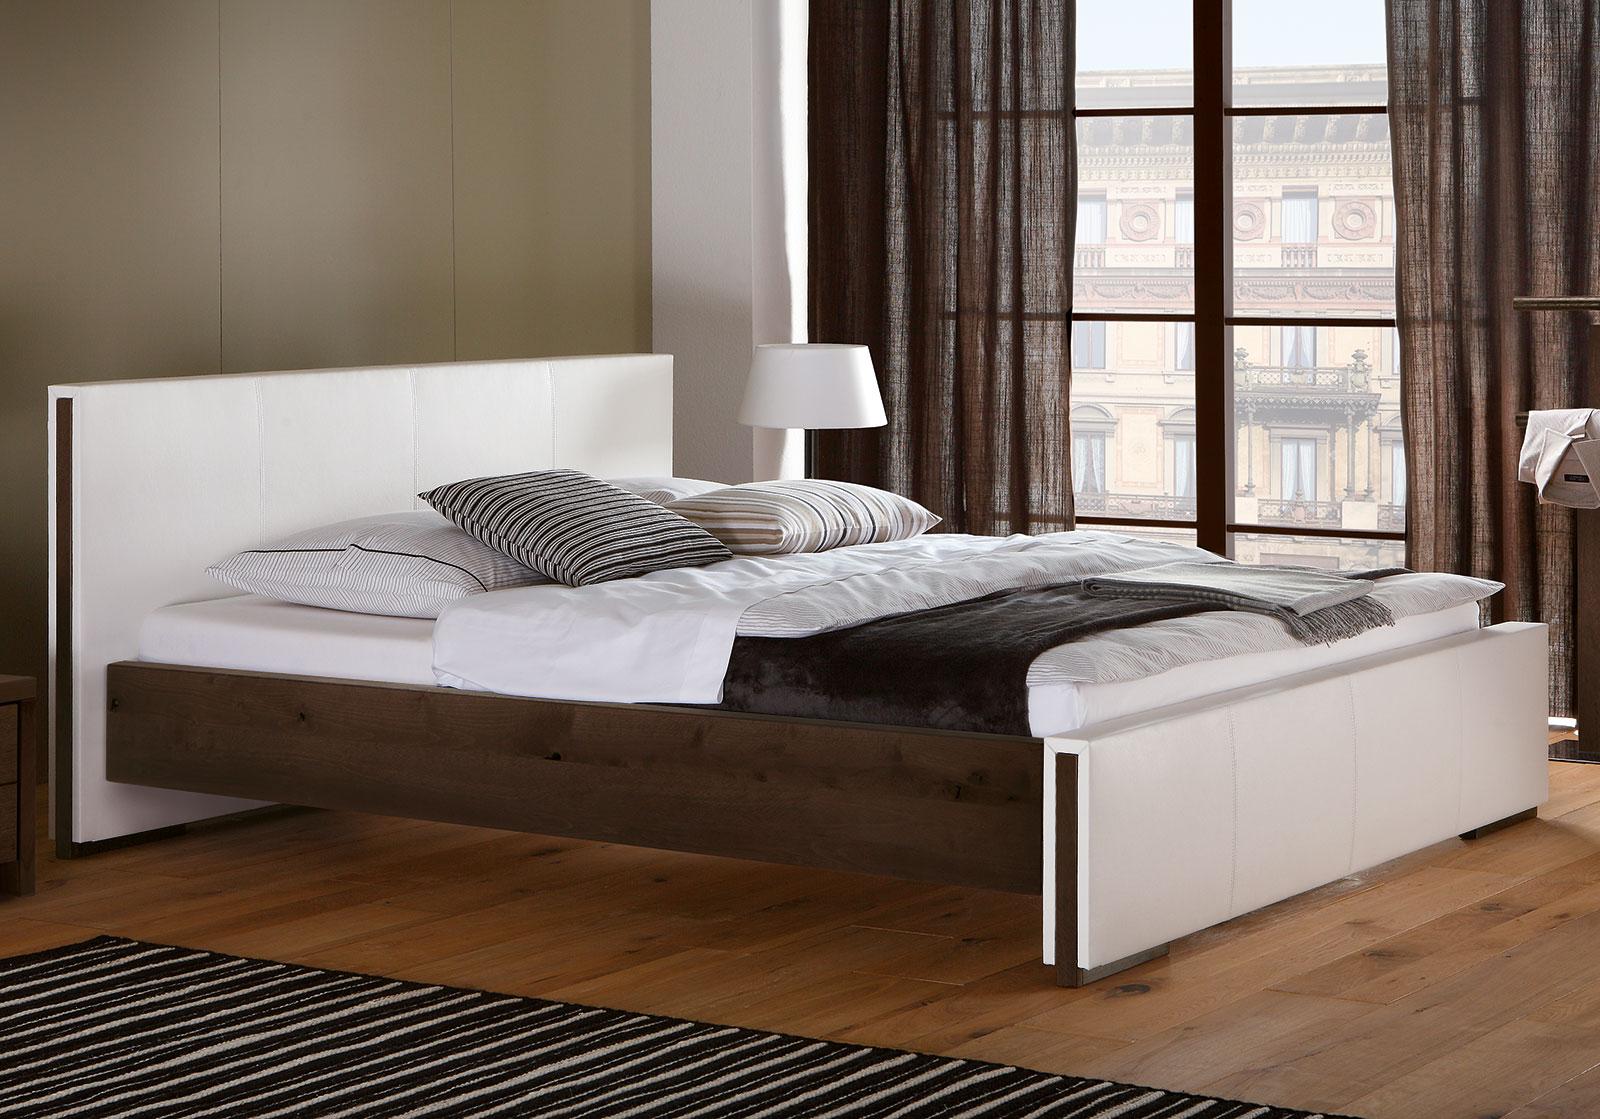 bett aus wildbuche massivholz mit luxus kunstleder amadora. Black Bedroom Furniture Sets. Home Design Ideas